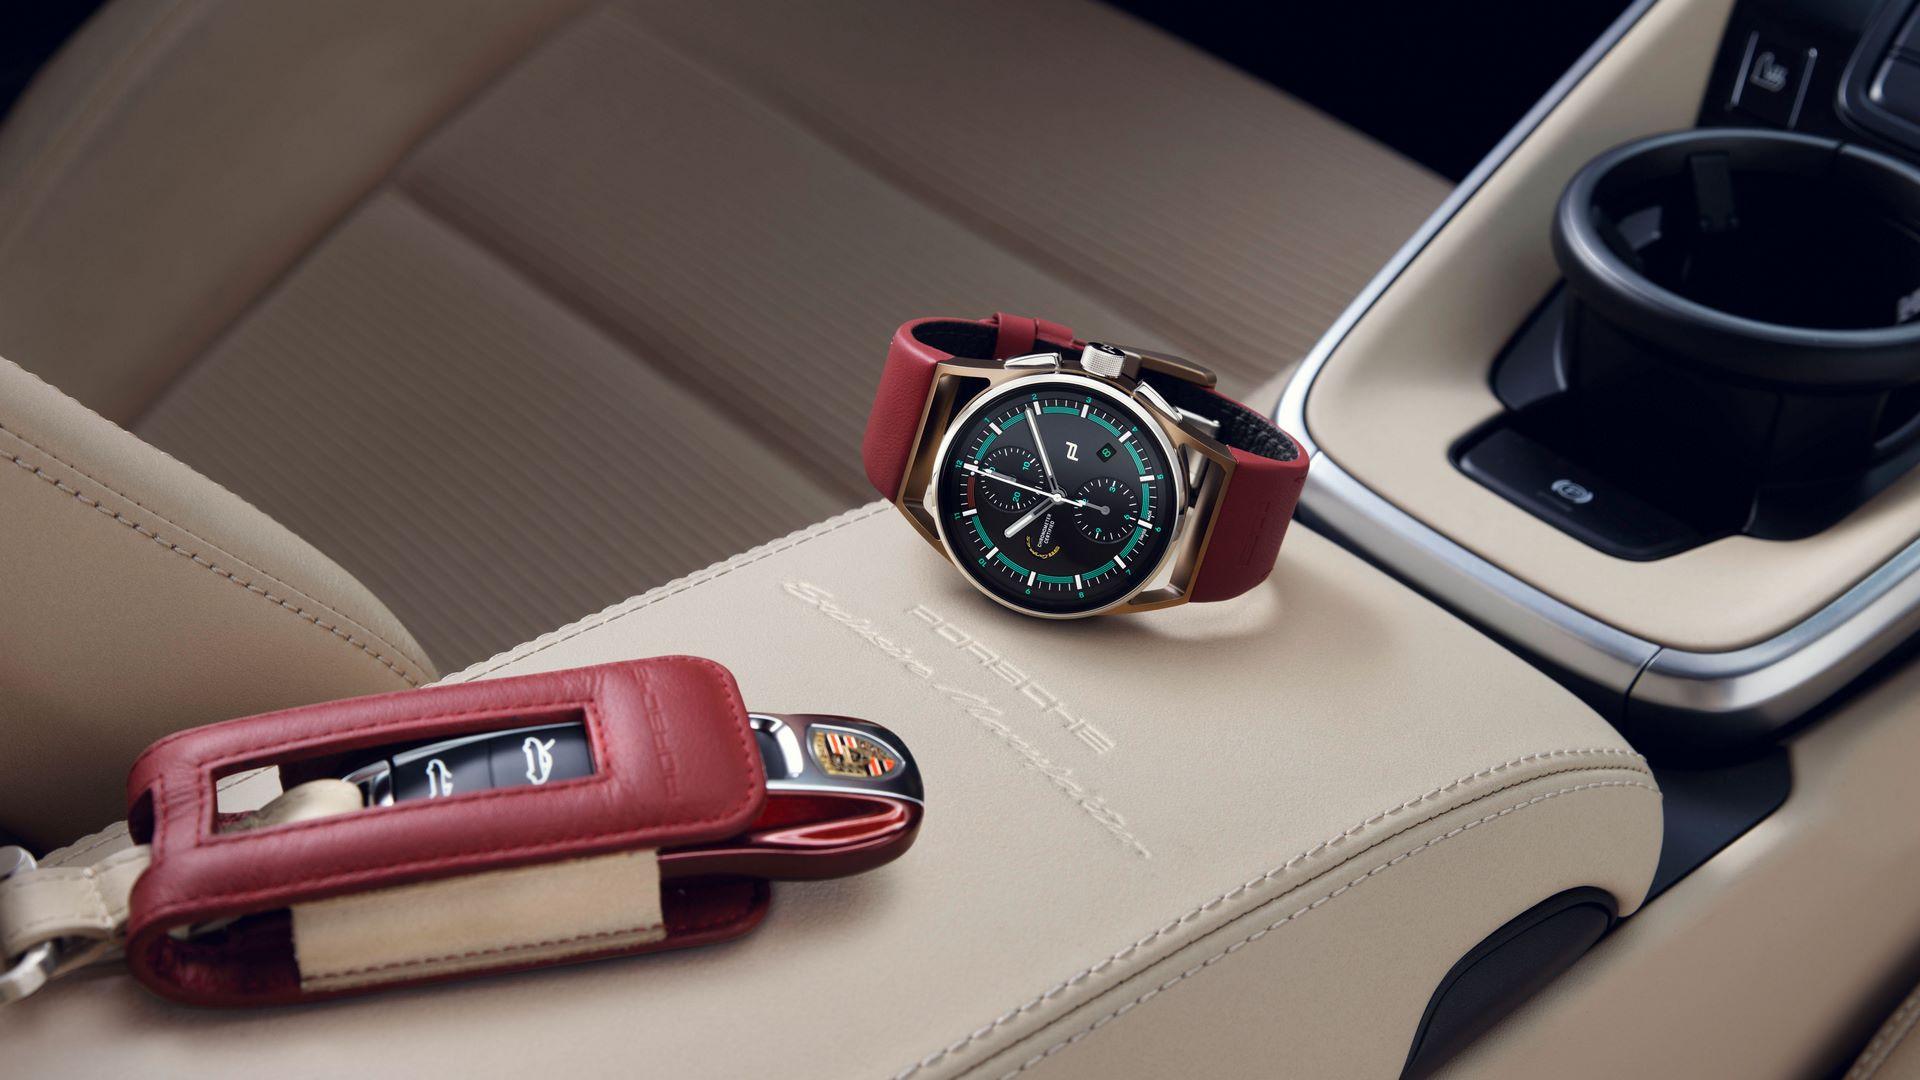 Porsche-911-Targa-4S-Heritage-Design-Edition-chronograph-1